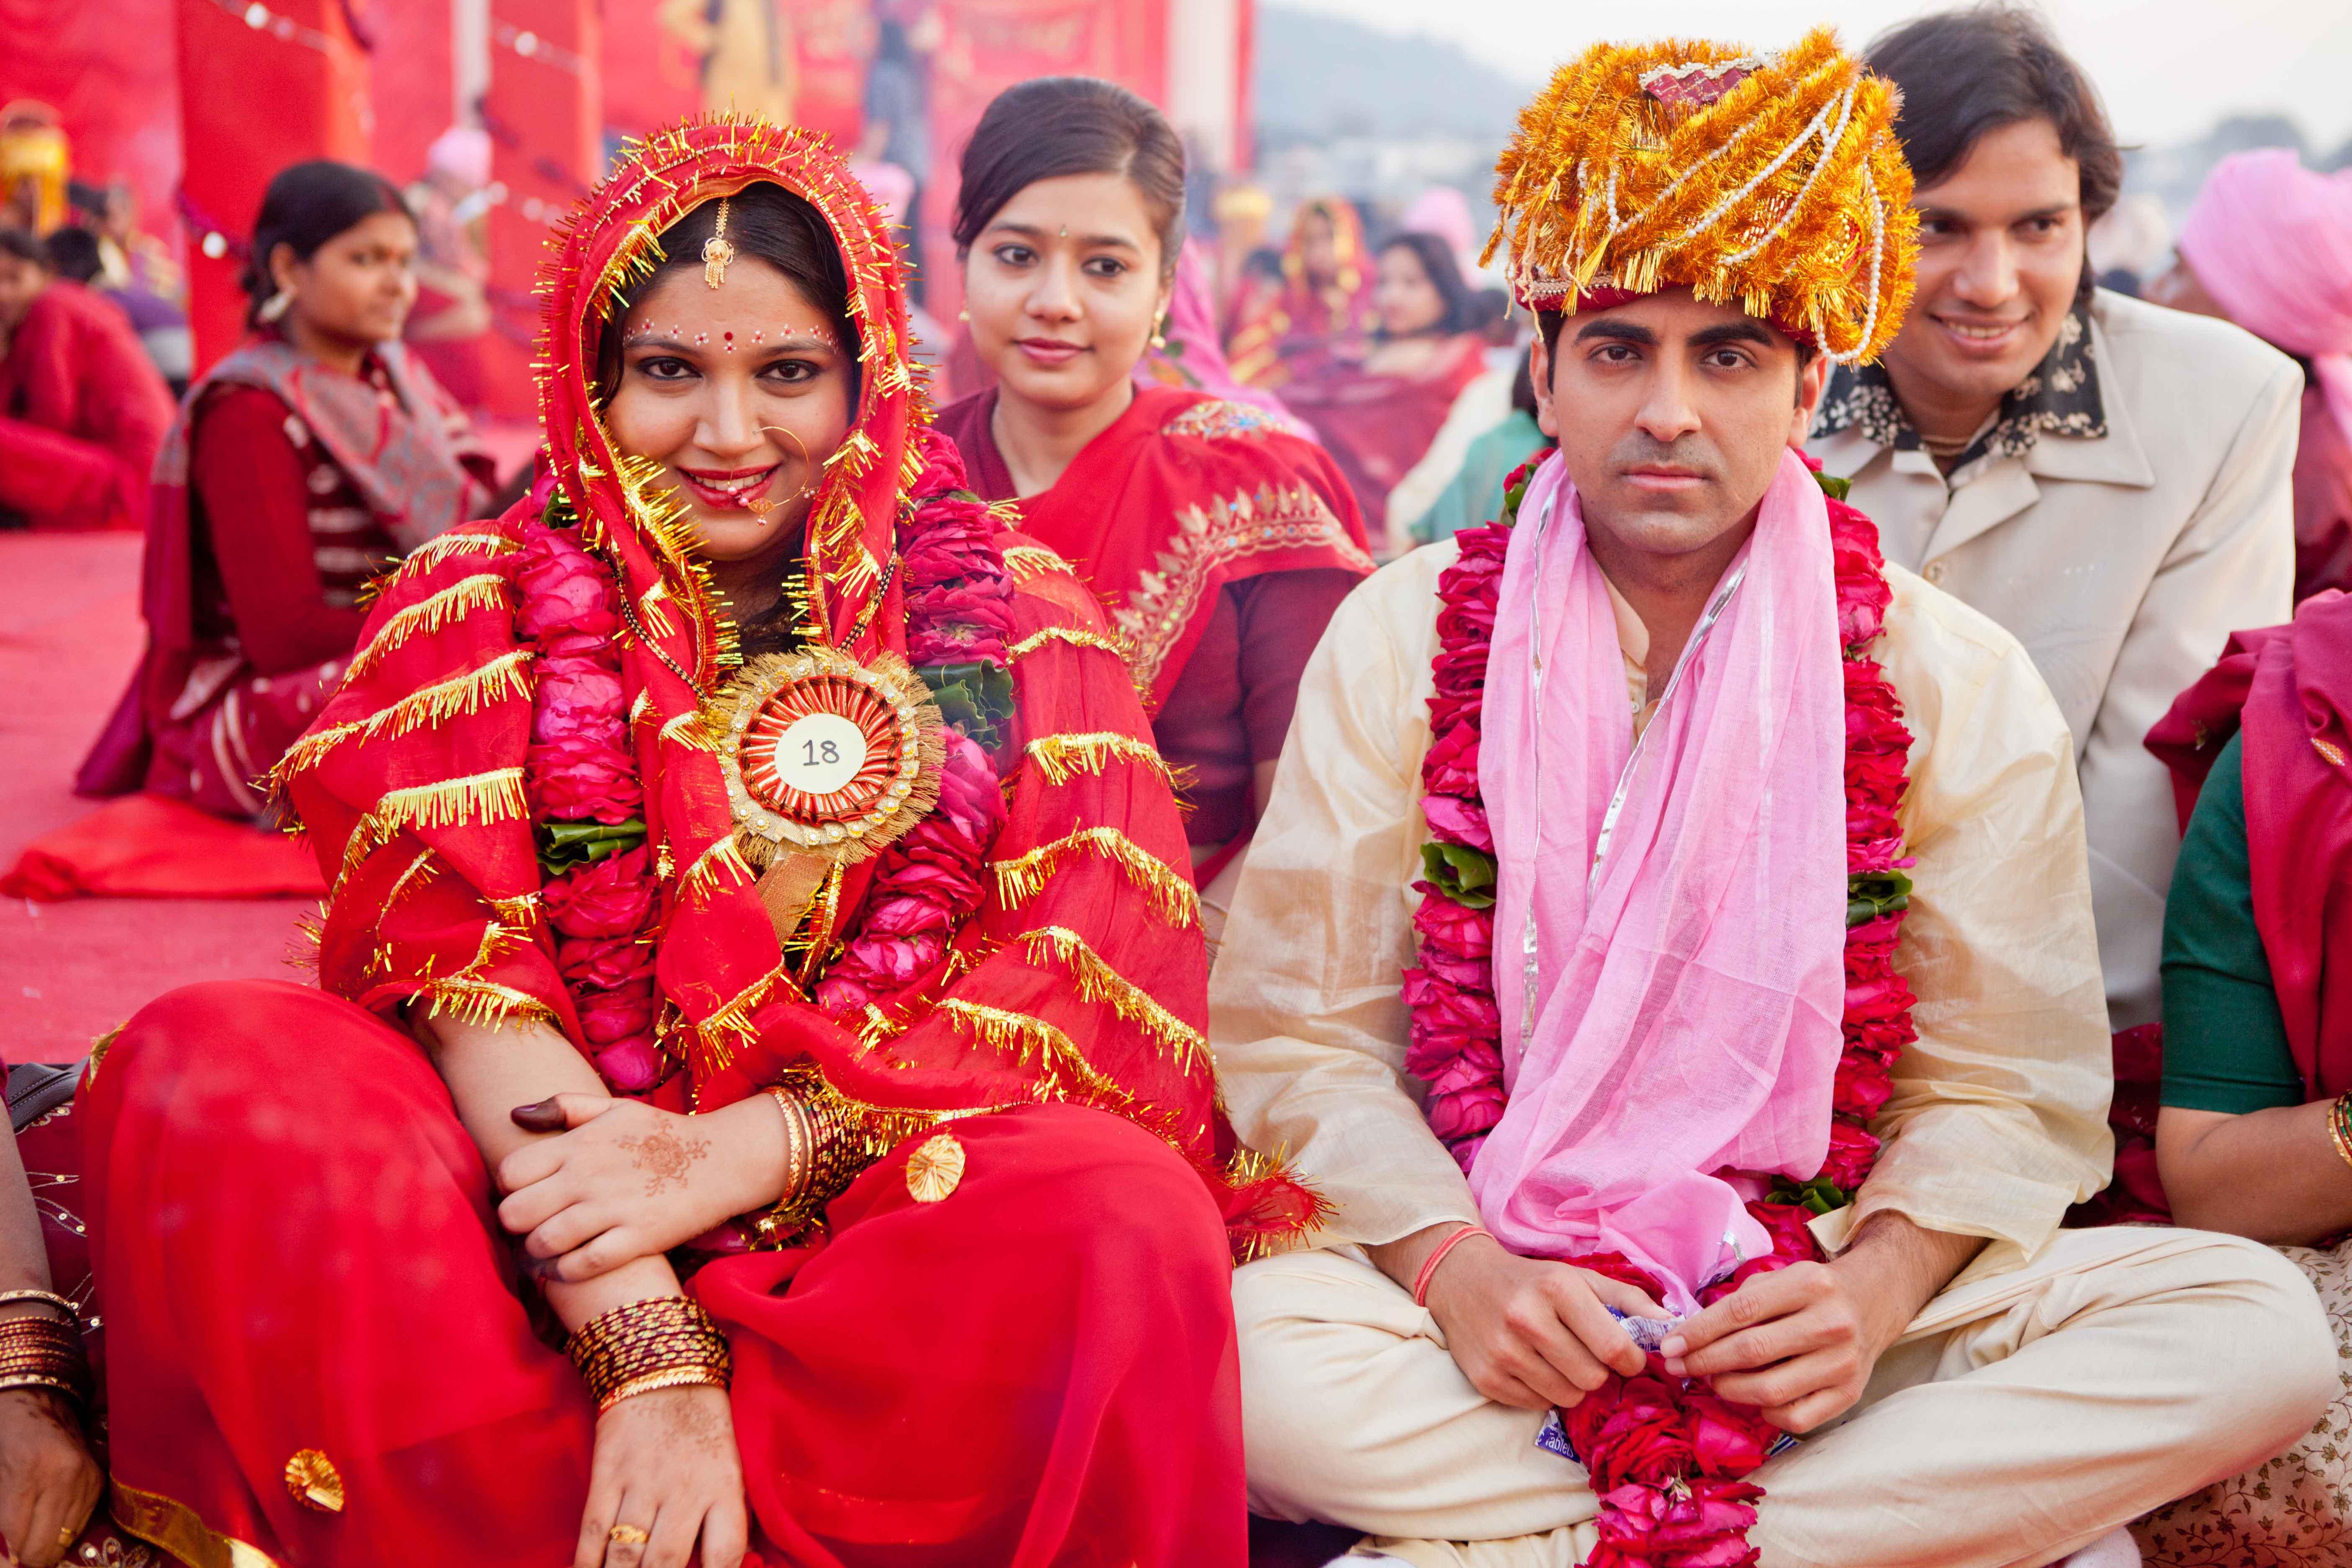 Házasságkötés hindi nyelven